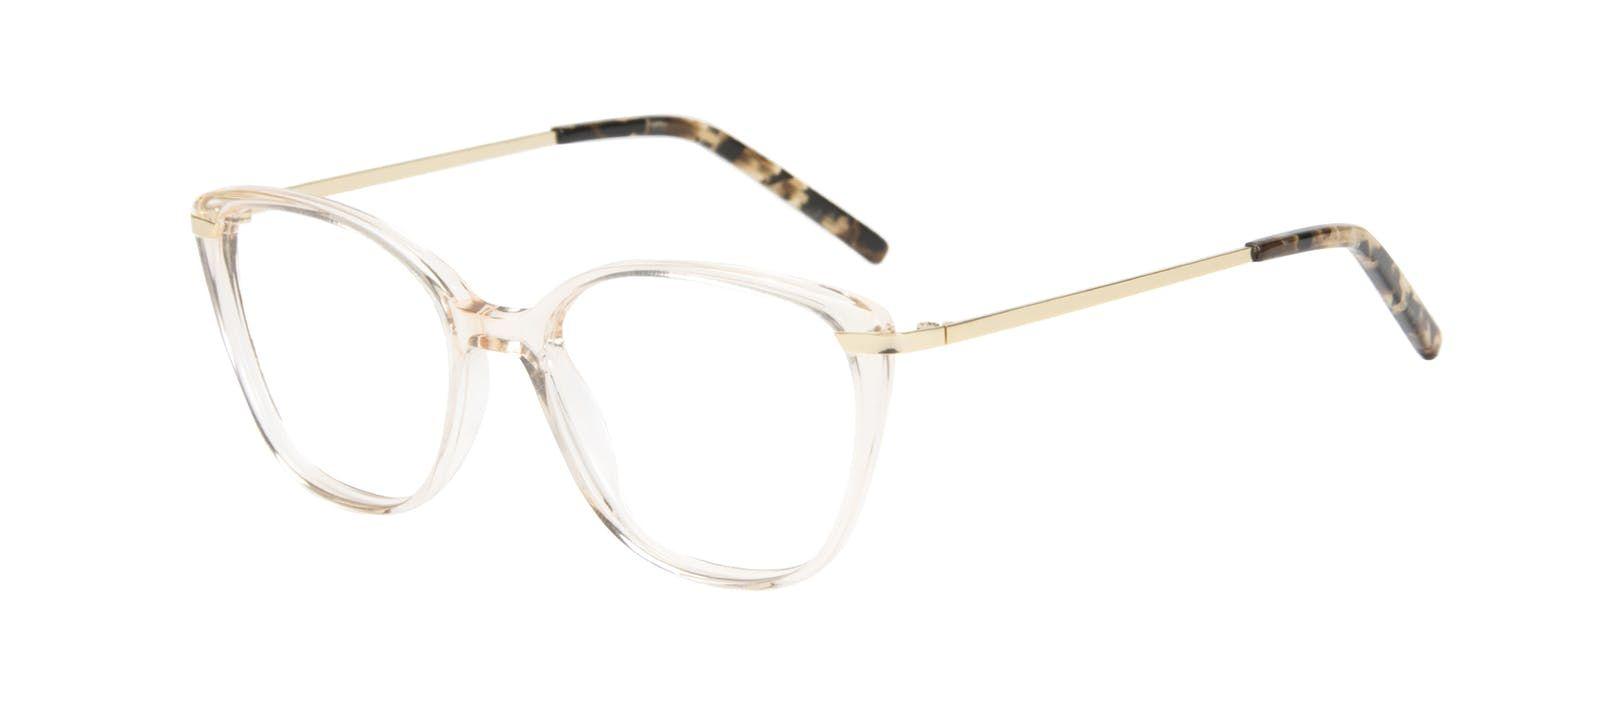 b7dc6845c66e Affordable Fashion Glasses Cat Eye Rectangle Square Eyeglasses Women  Illusion Blond Metal Tilt